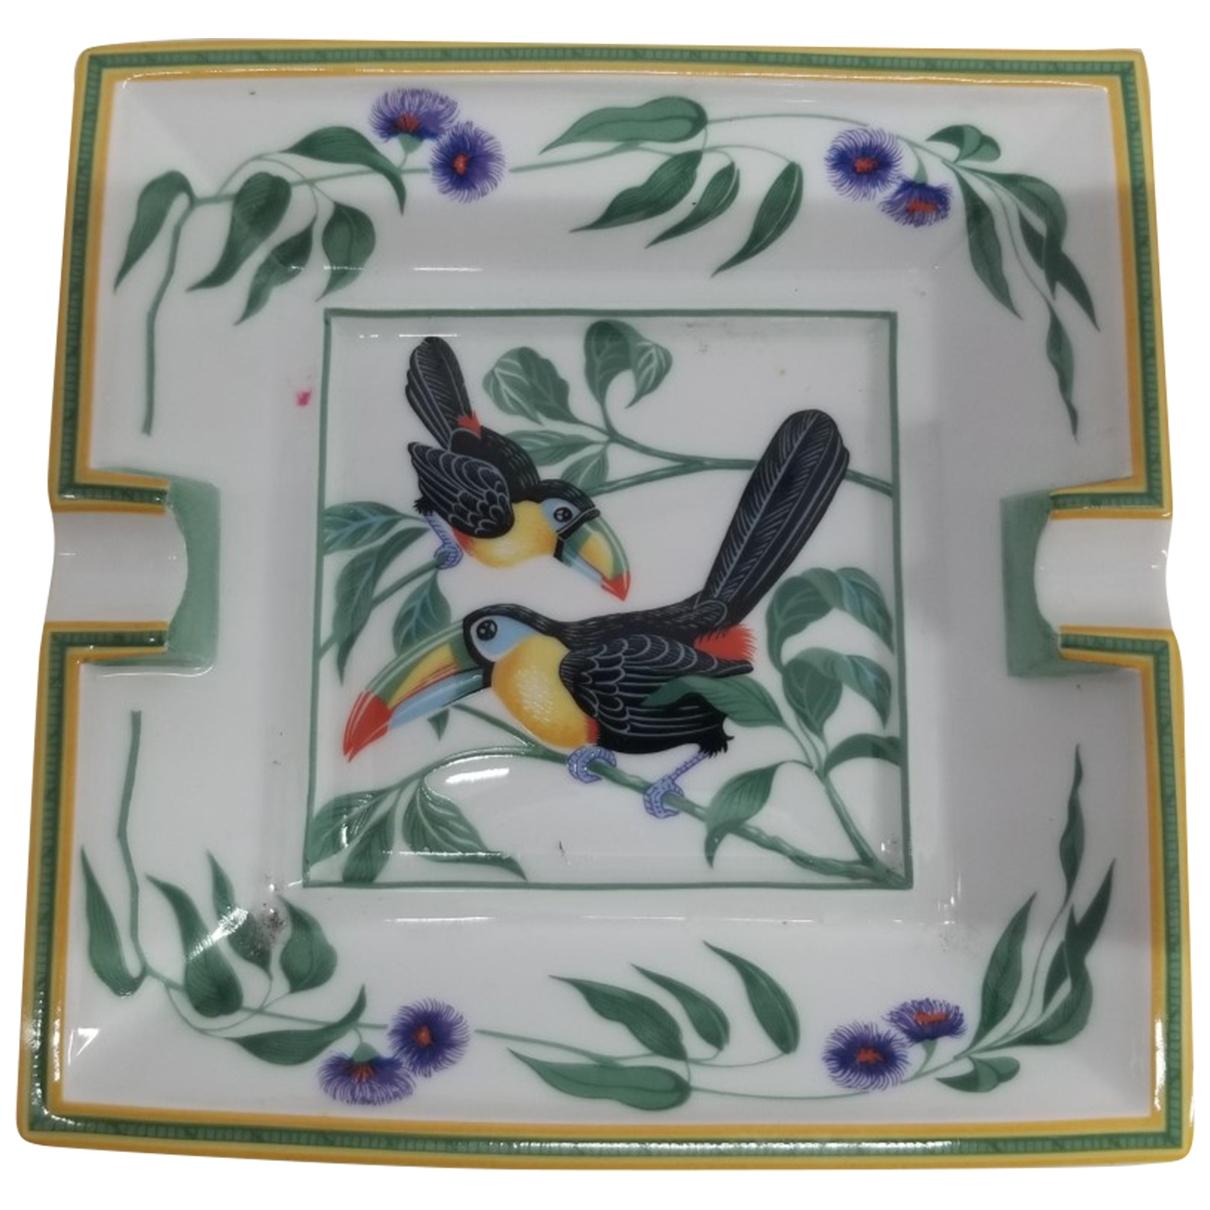 Hermes - Objets & Deco Toucans pour lifestyle en porcelaine - multicolore